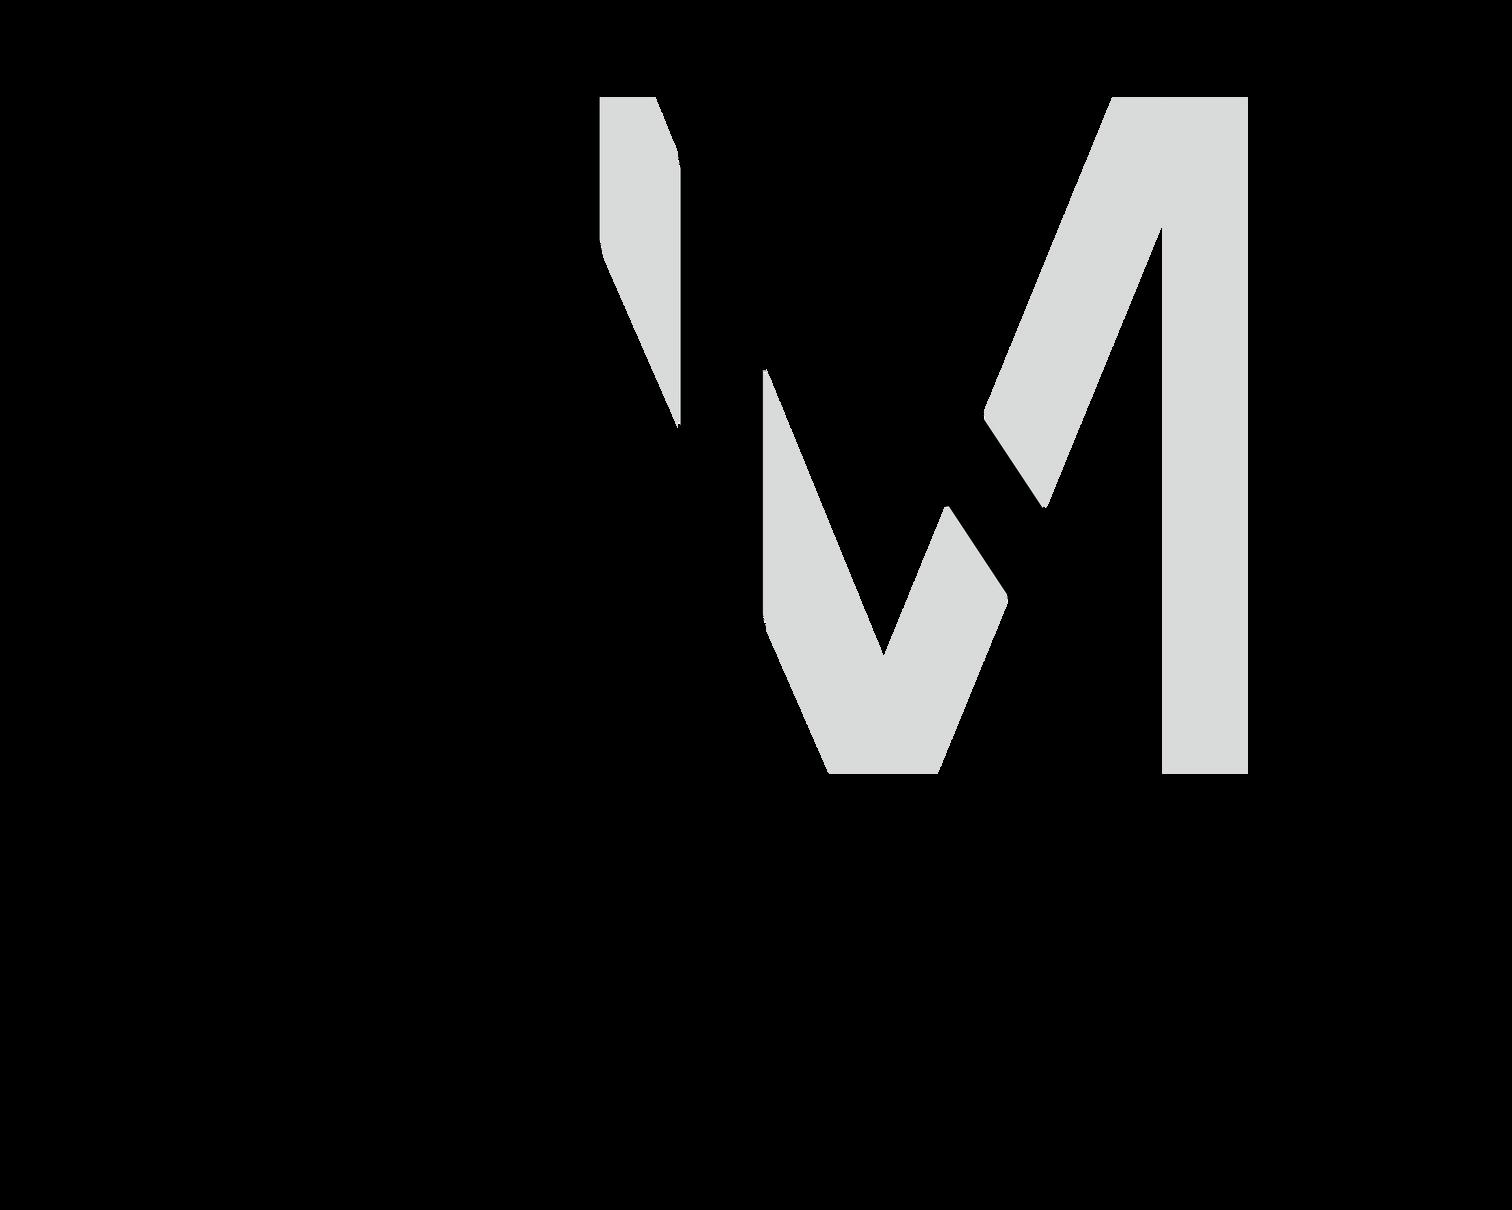 Joeri Naudts inox & metaalconstructies logo